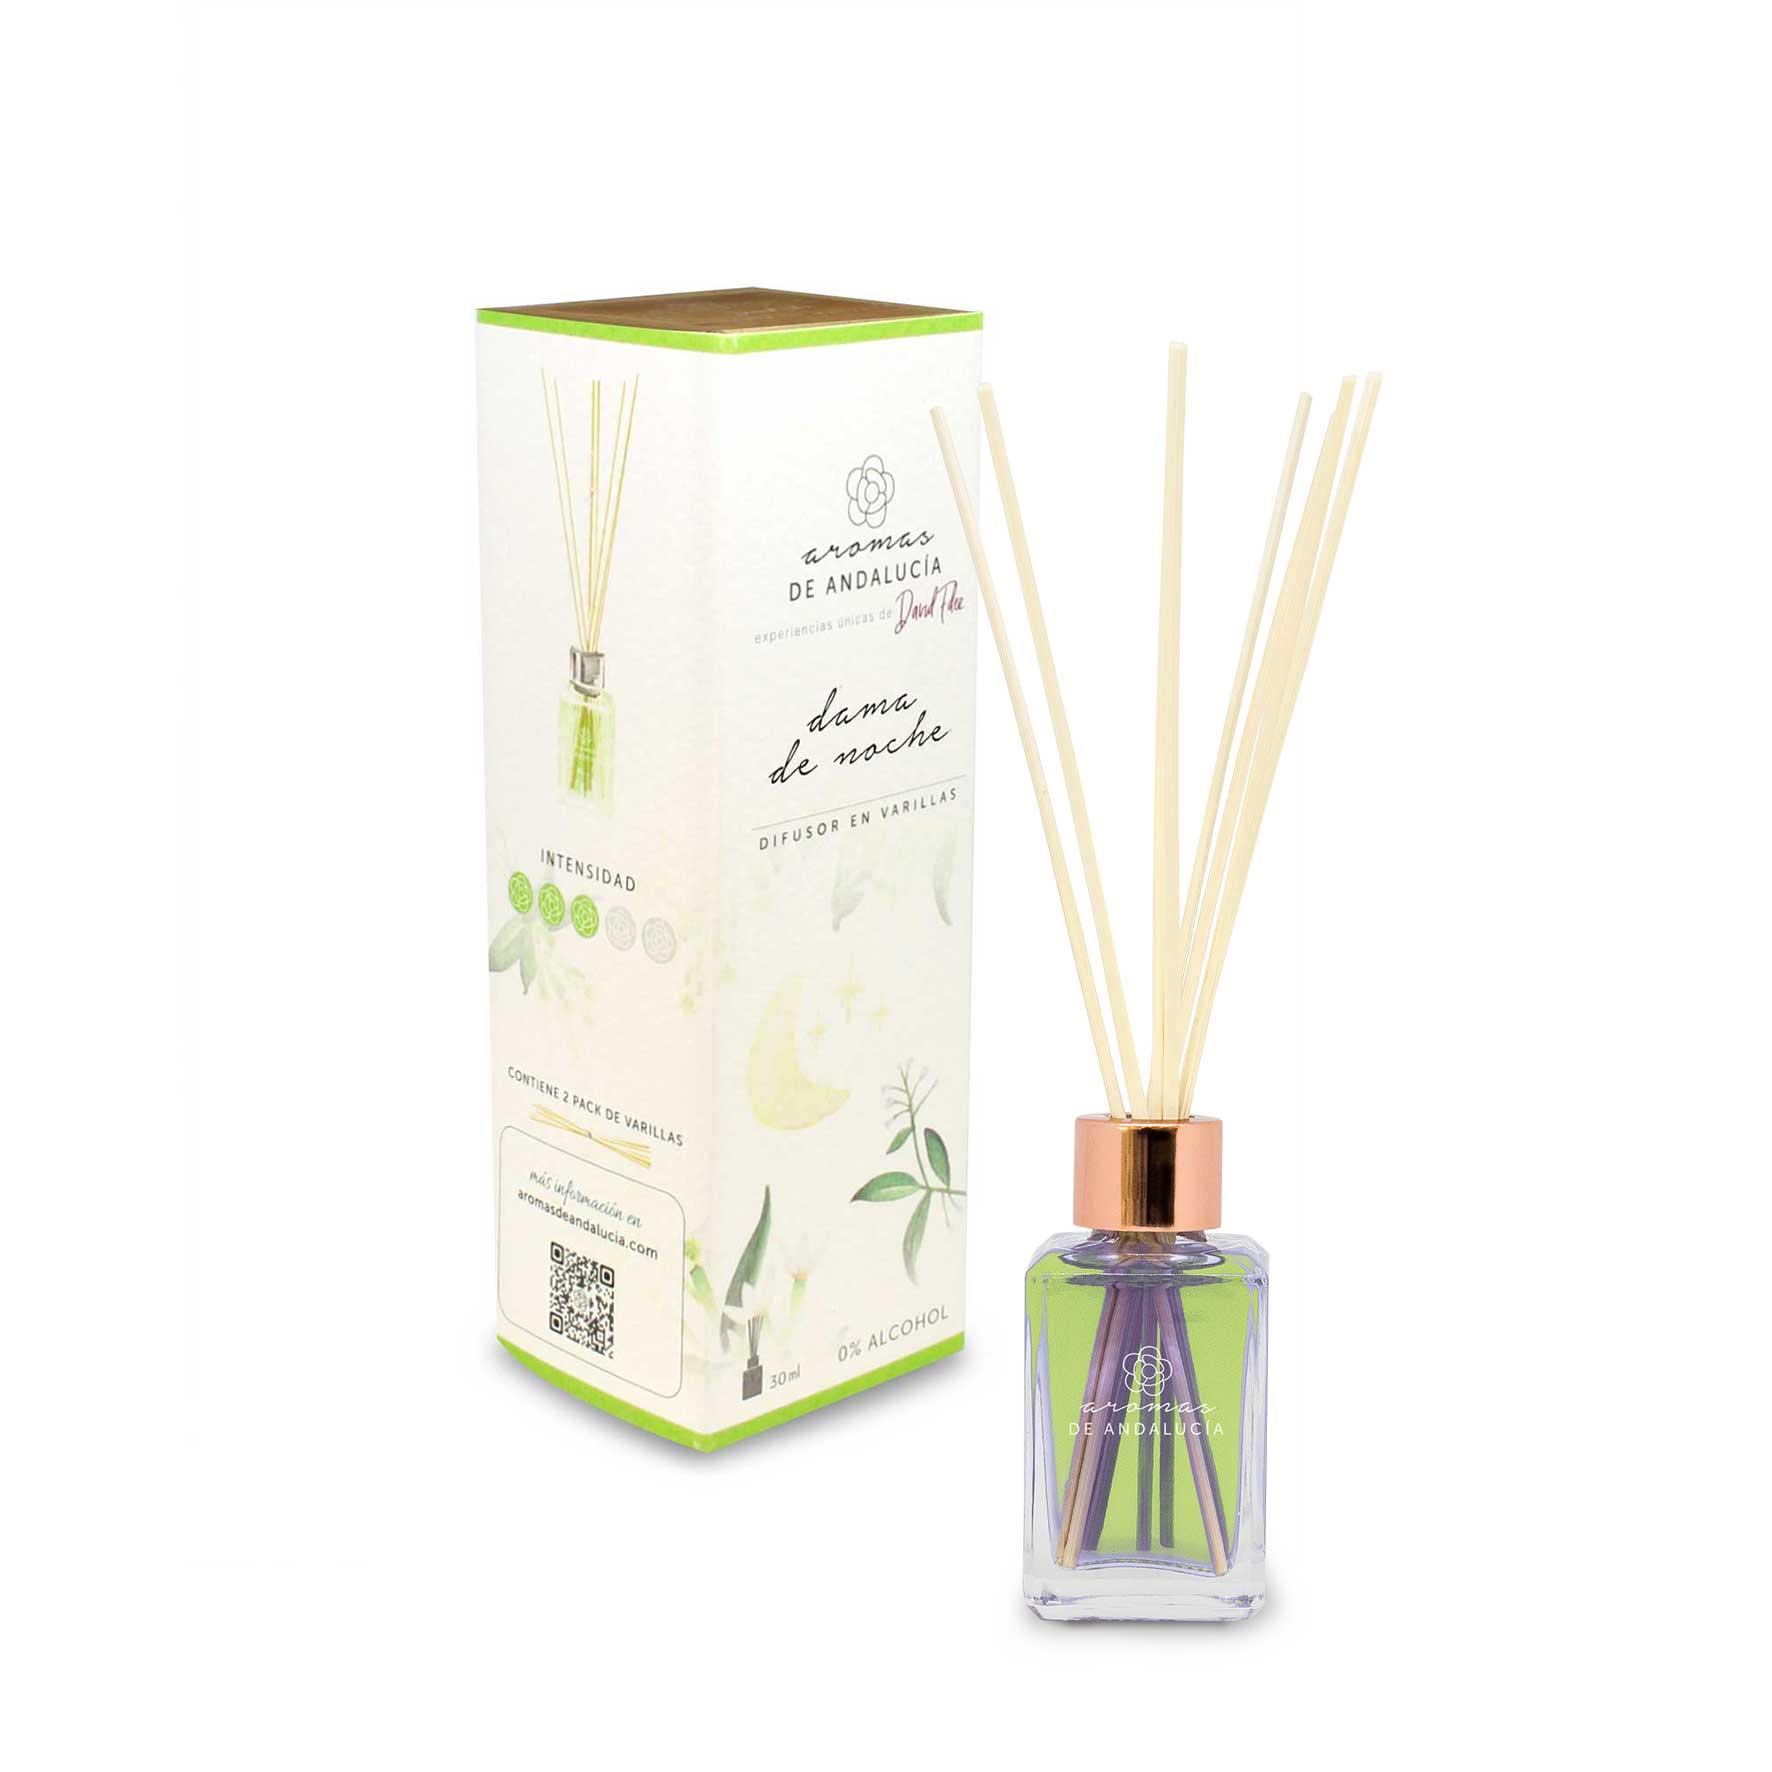 Aromas de Andalucía Único 30 ml dama de noche